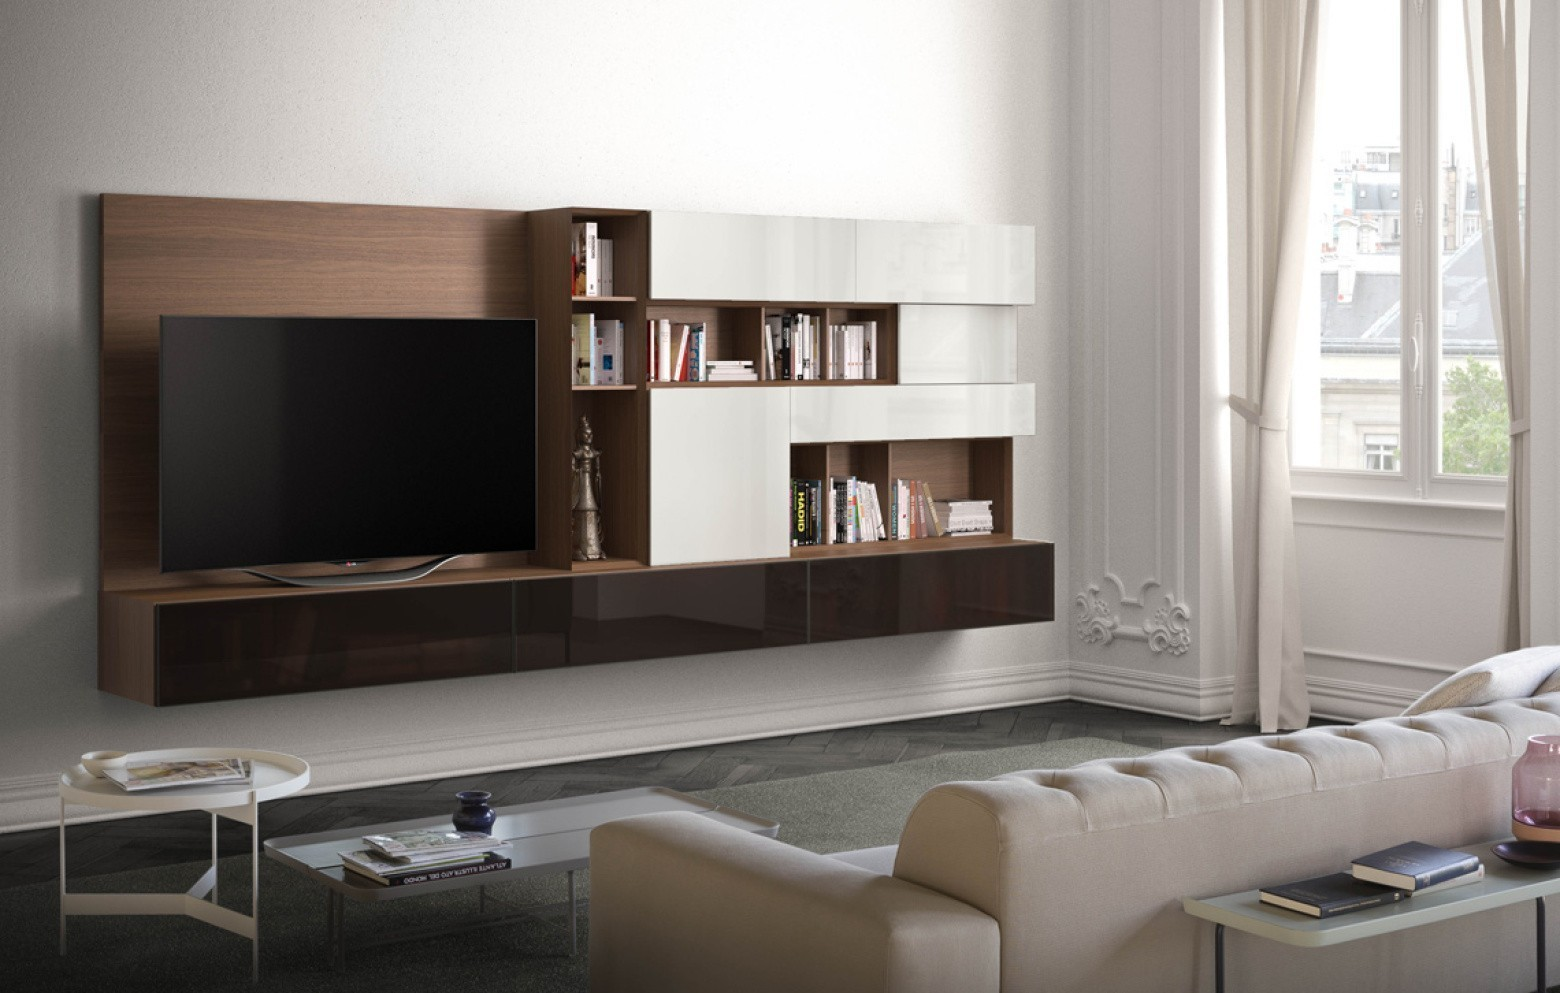 Wohnwand designermöbel  WHO'S PERFECT - Italienische Designermöbel zu günstigen Preisen ...